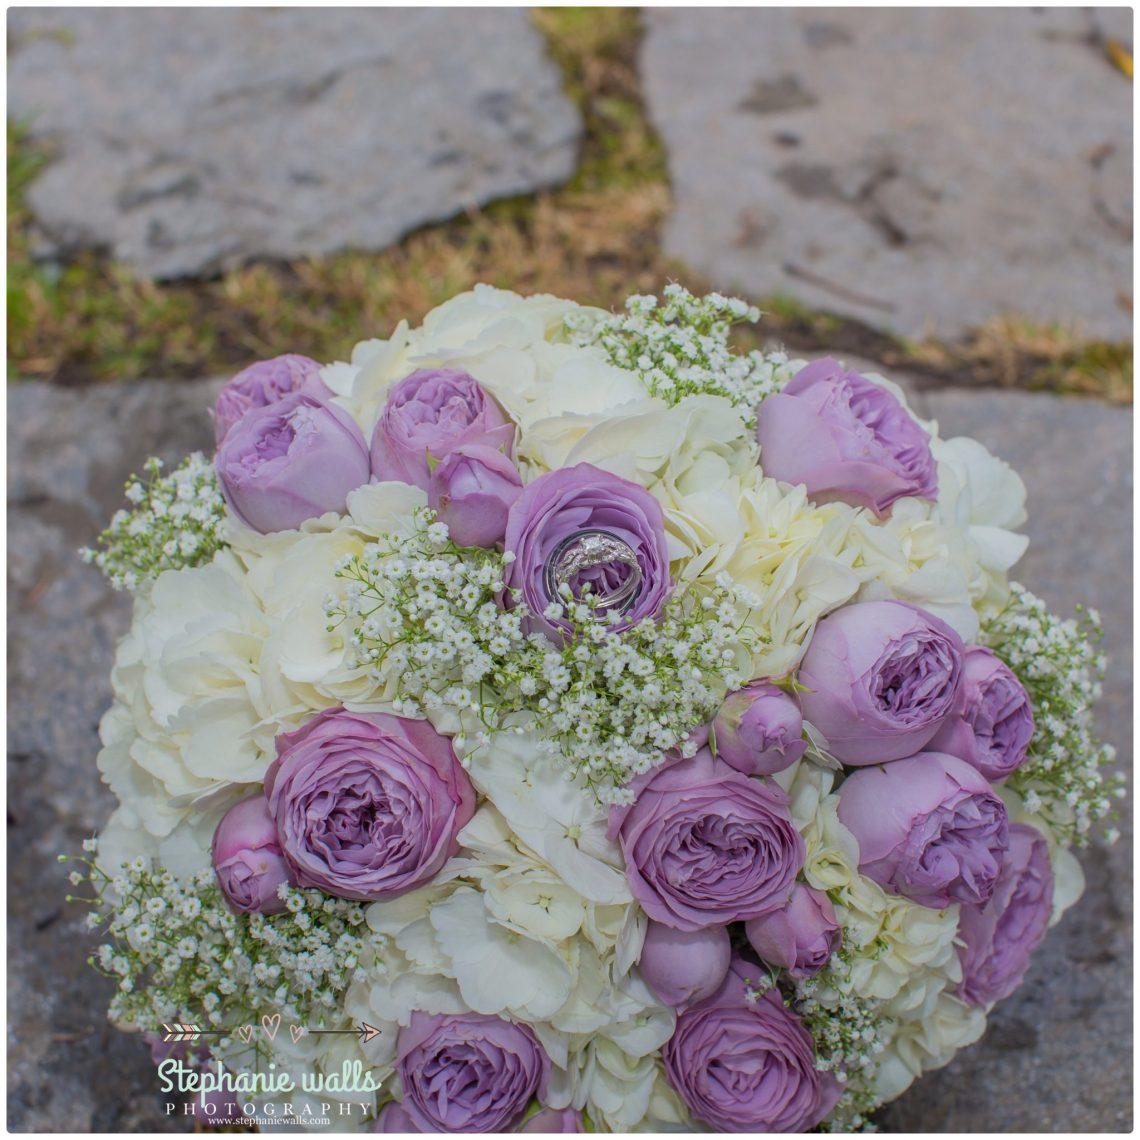 Schroeder Wedding 118 1 Grand Willow Wedding | Grand Willow Inn Mount Vernon Wedding